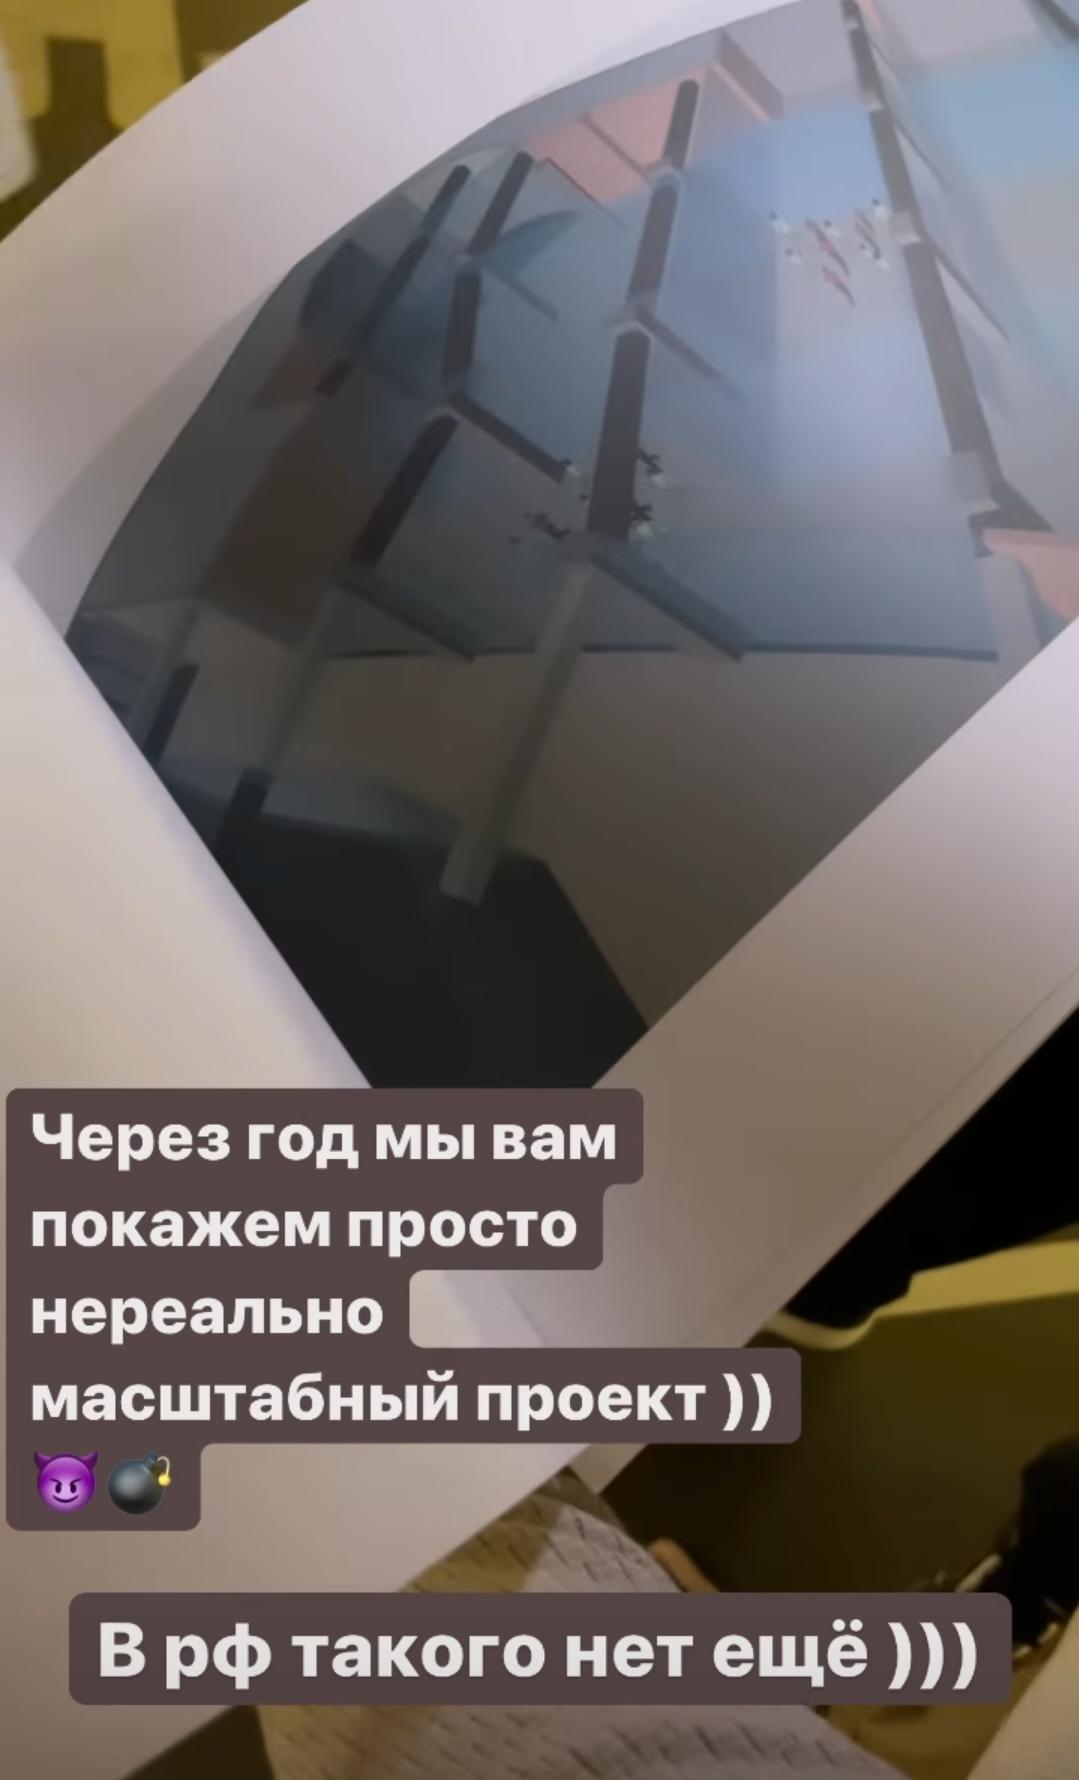 """""""В РФ такого ещё нет"""": Оксана Самойлова готовится к запуску масштабного проекта"""